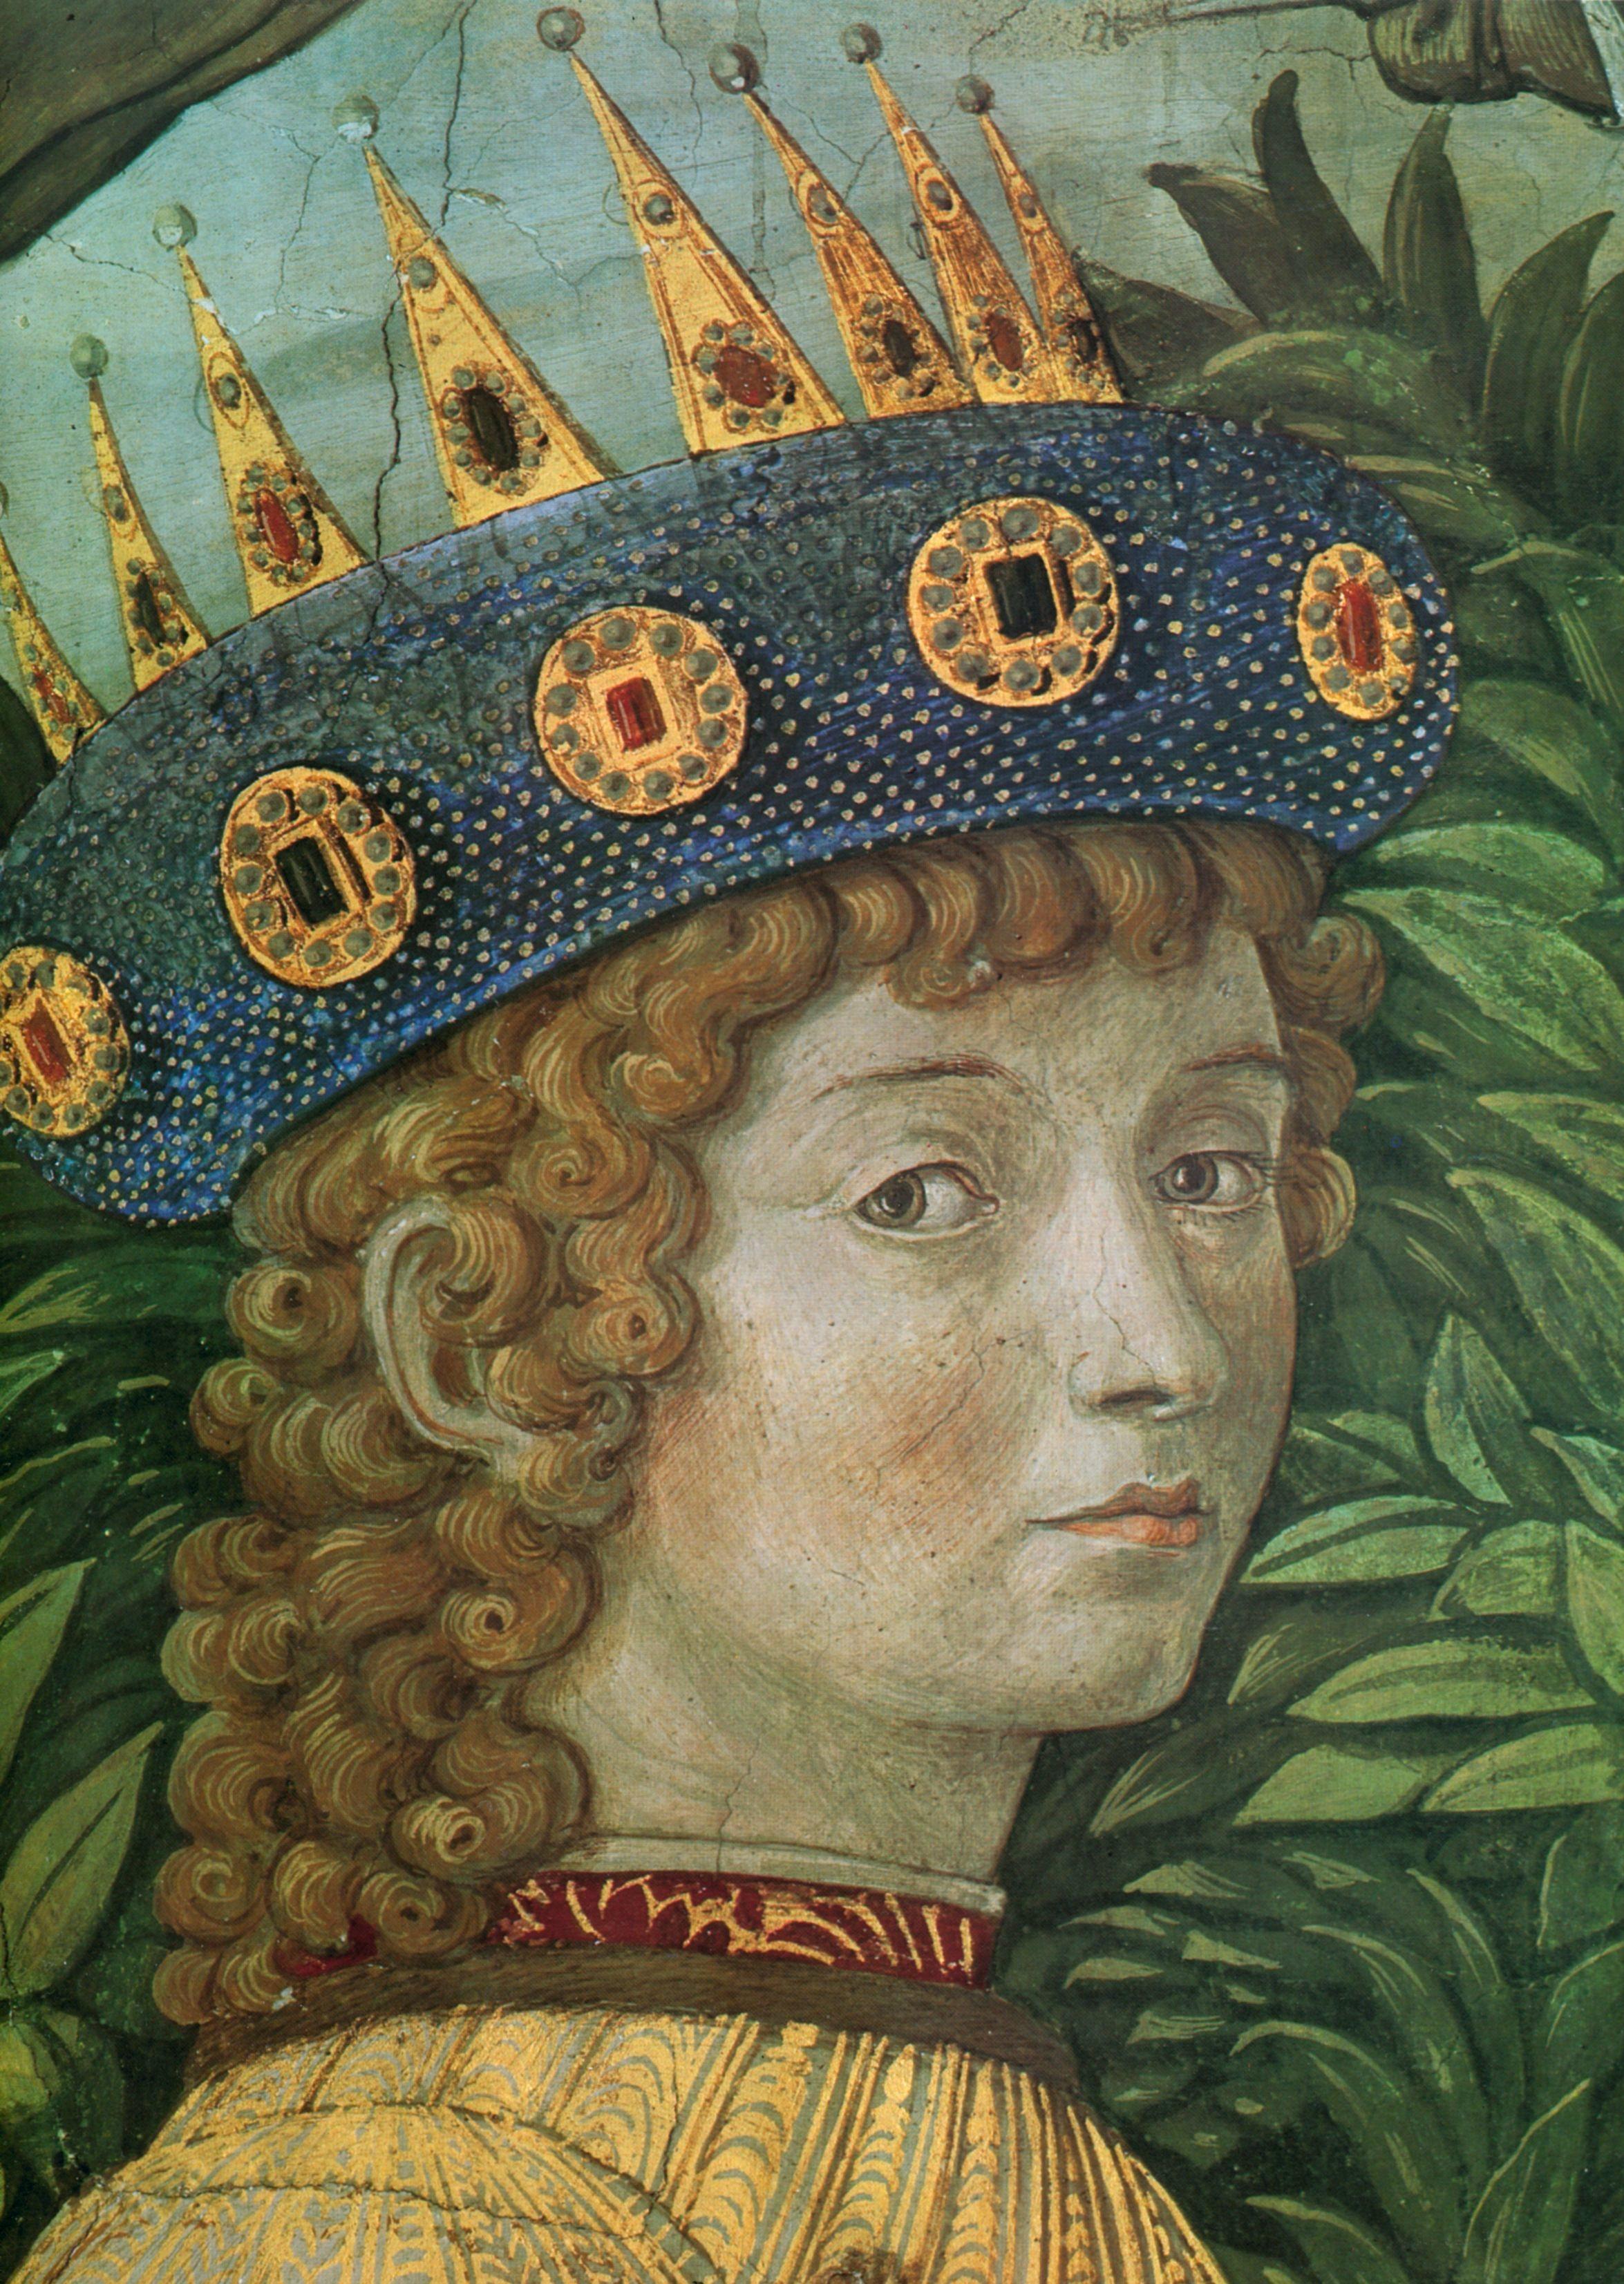 049amolenuvolette.it1459-1461-gozzoli-benozzo-le-cortége-des-rois-mages-détail-laurent-de-médicis